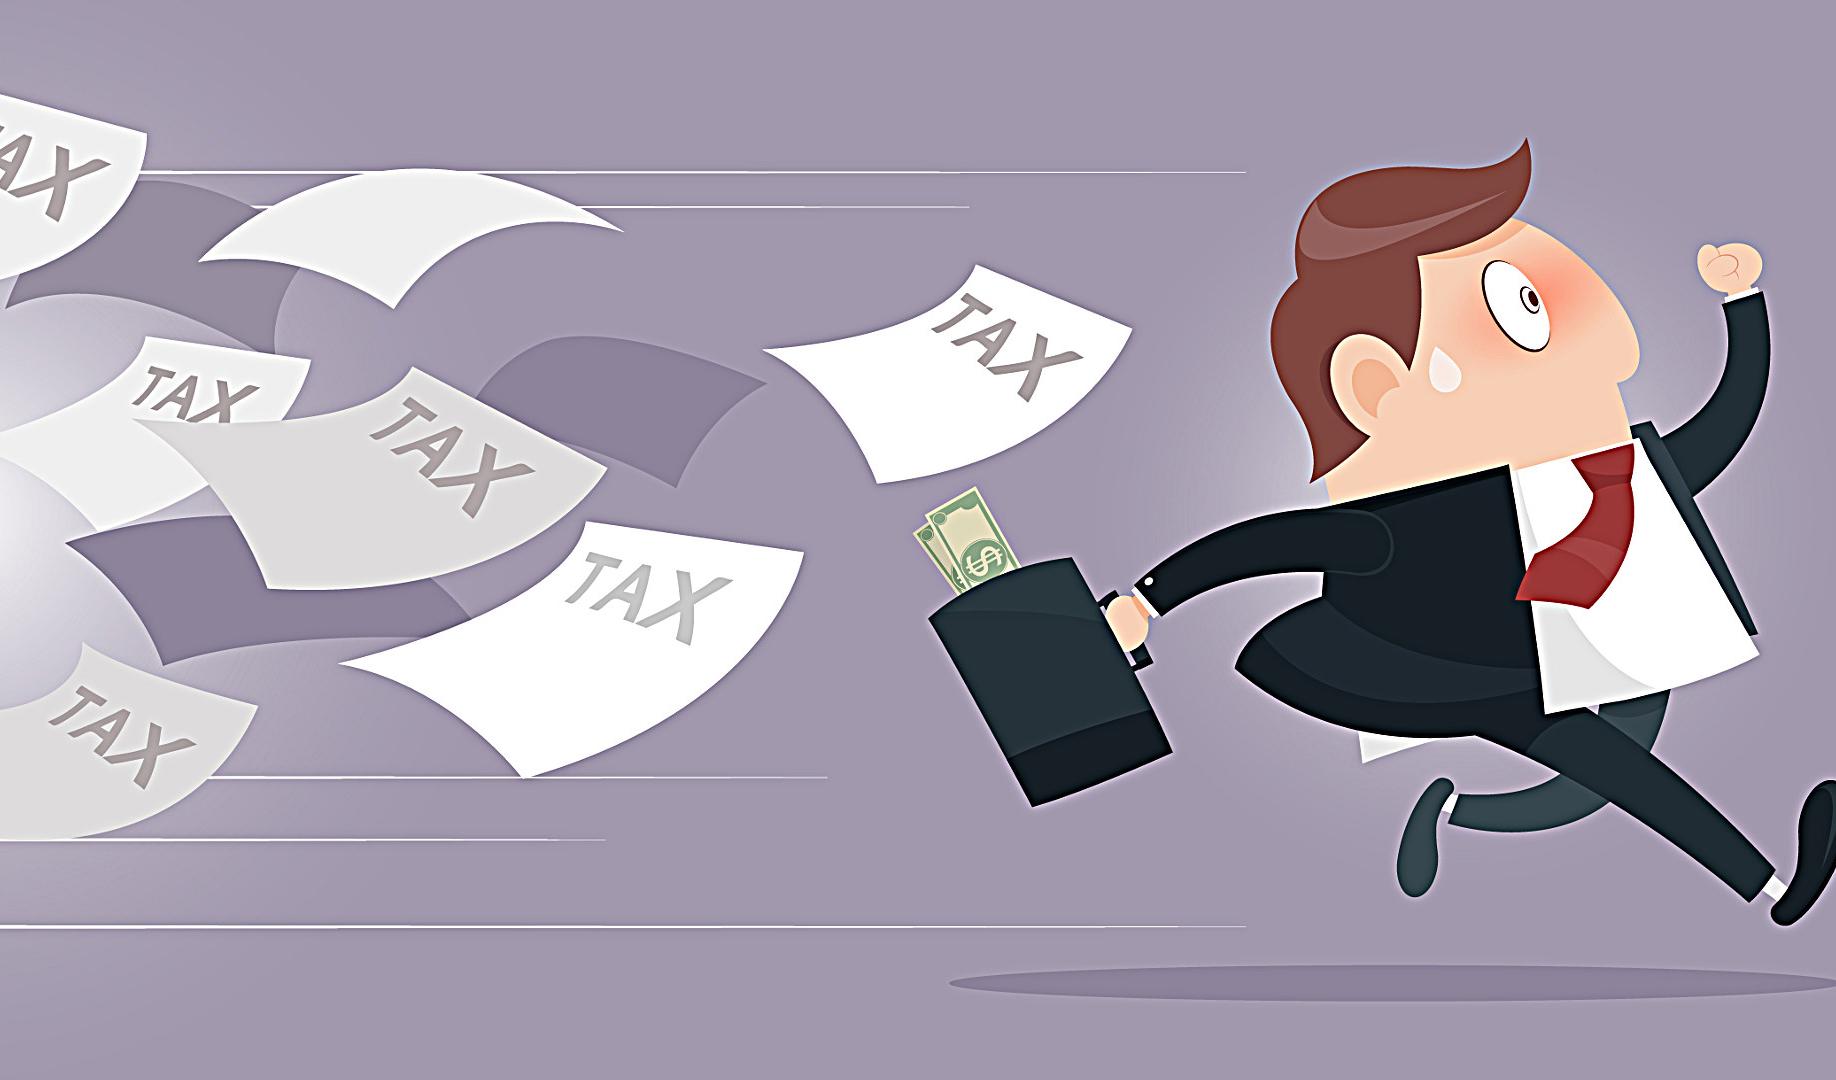 وصول ۱۰۹ هزار میلیارد تومان مالیات در سال ۹۷